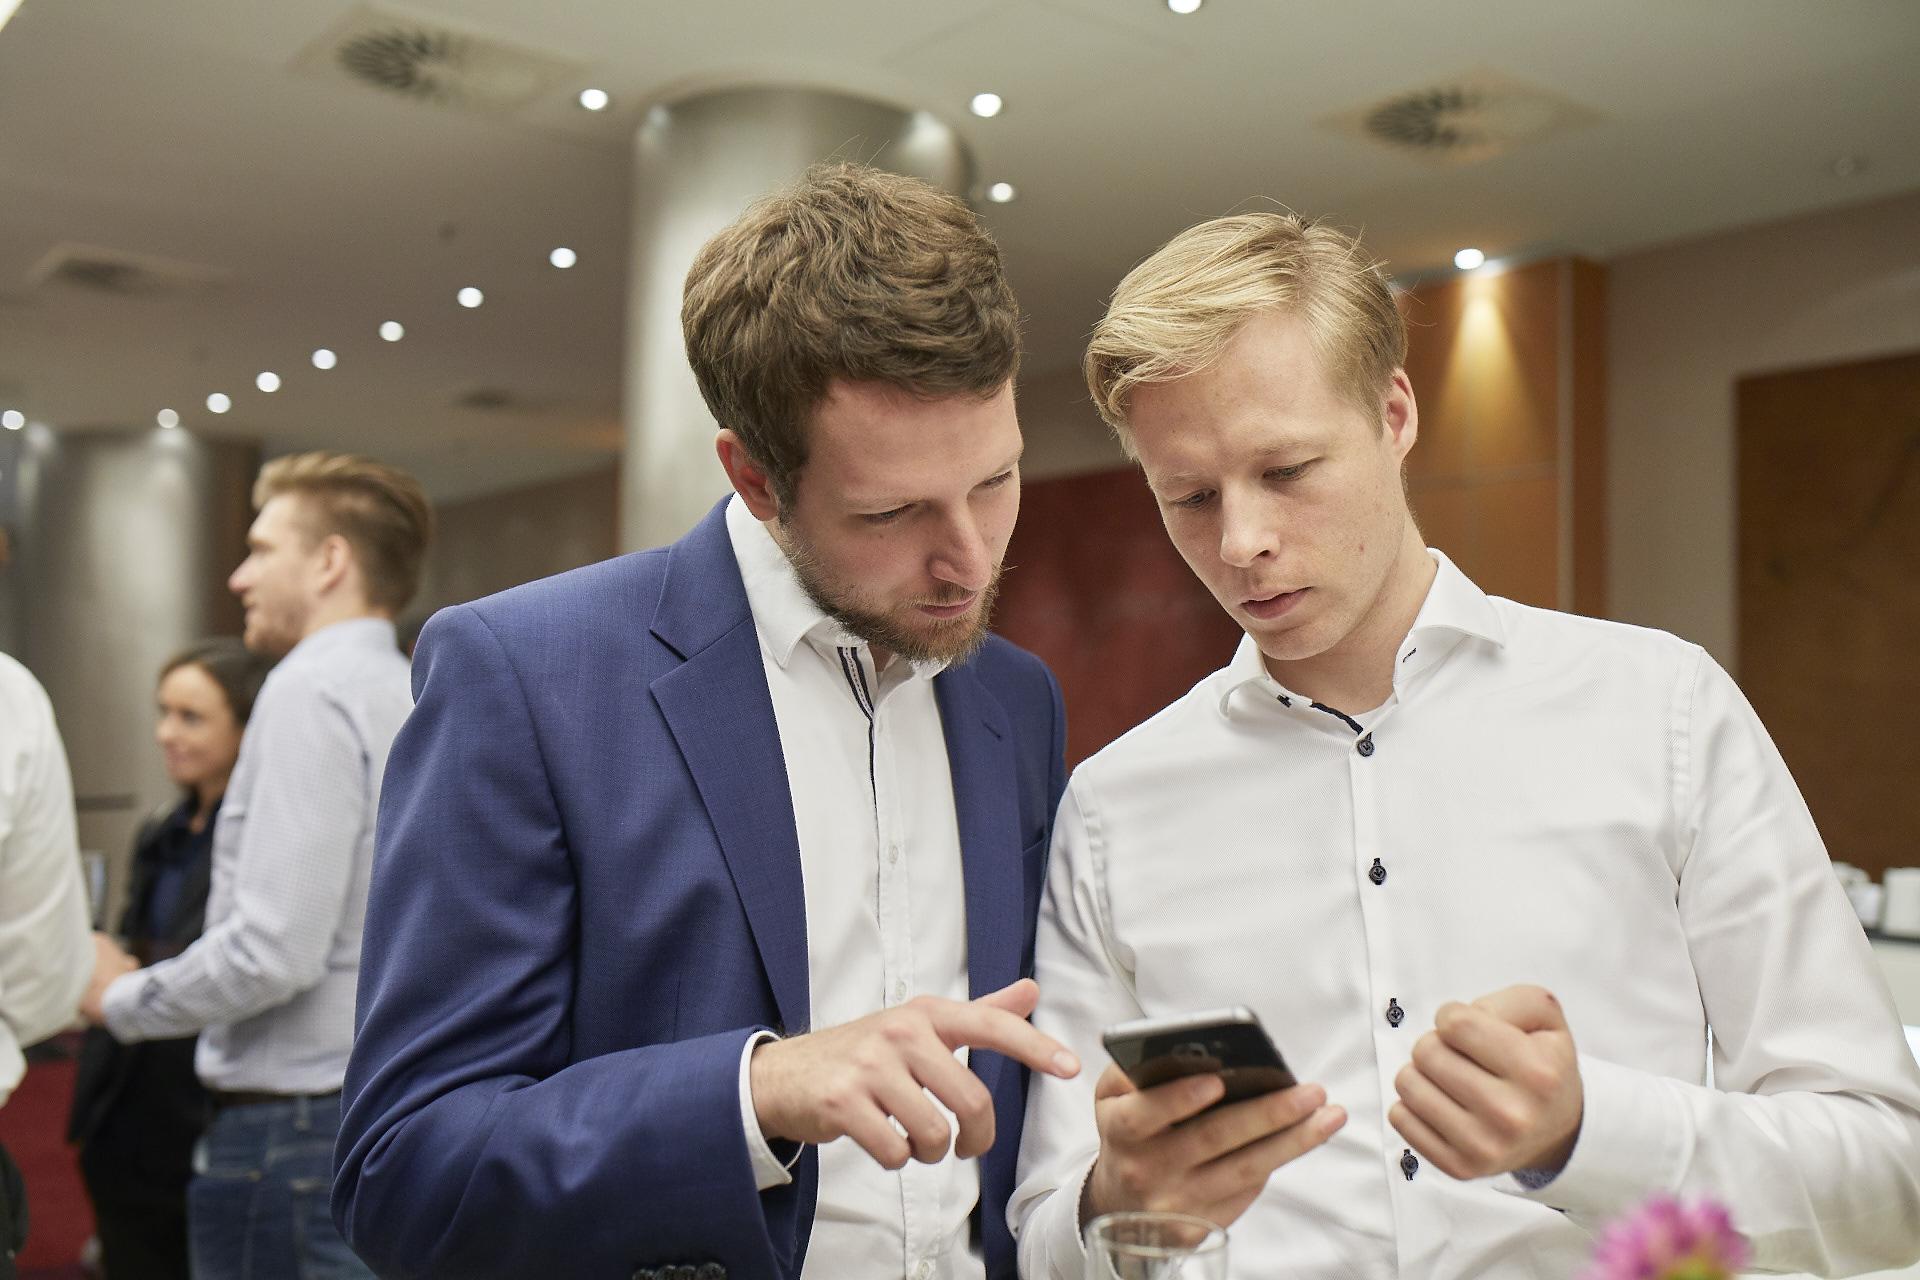 Geschäftsmann zeigt seinem Partner etwas auf seinem Handy an einer Konferenz